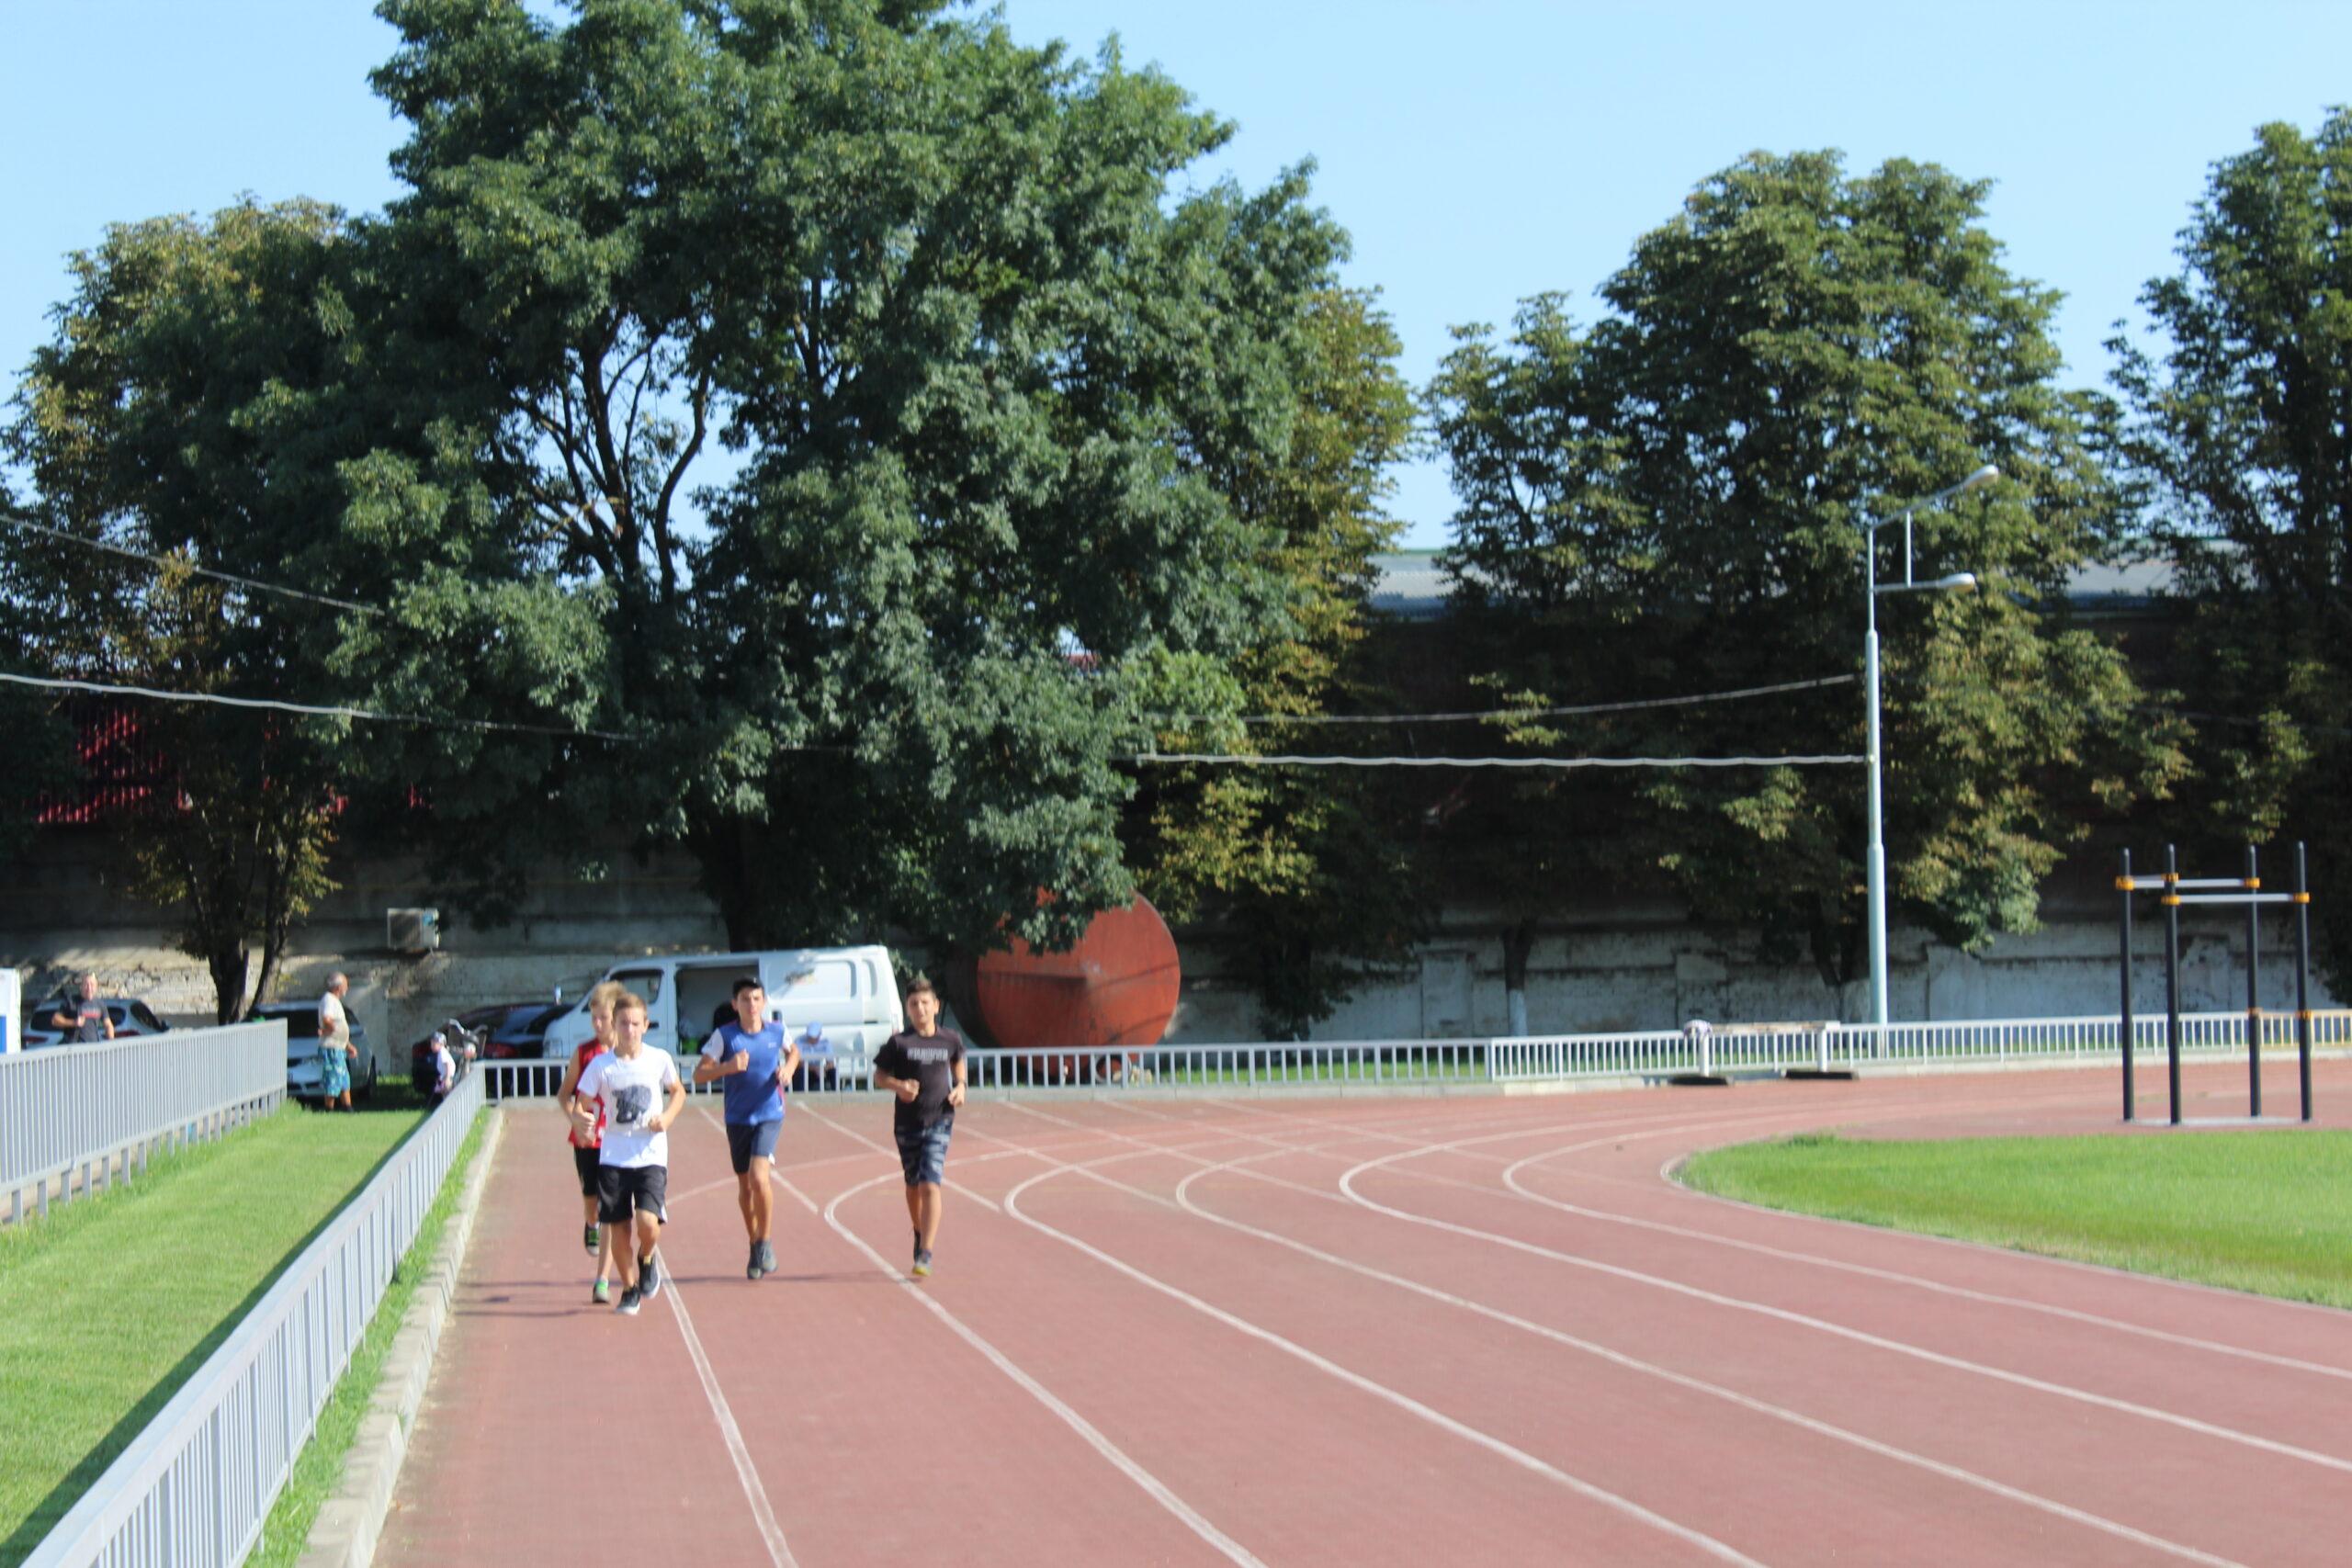 Официальные физкультурные и спортивные соревнования возвращаются!